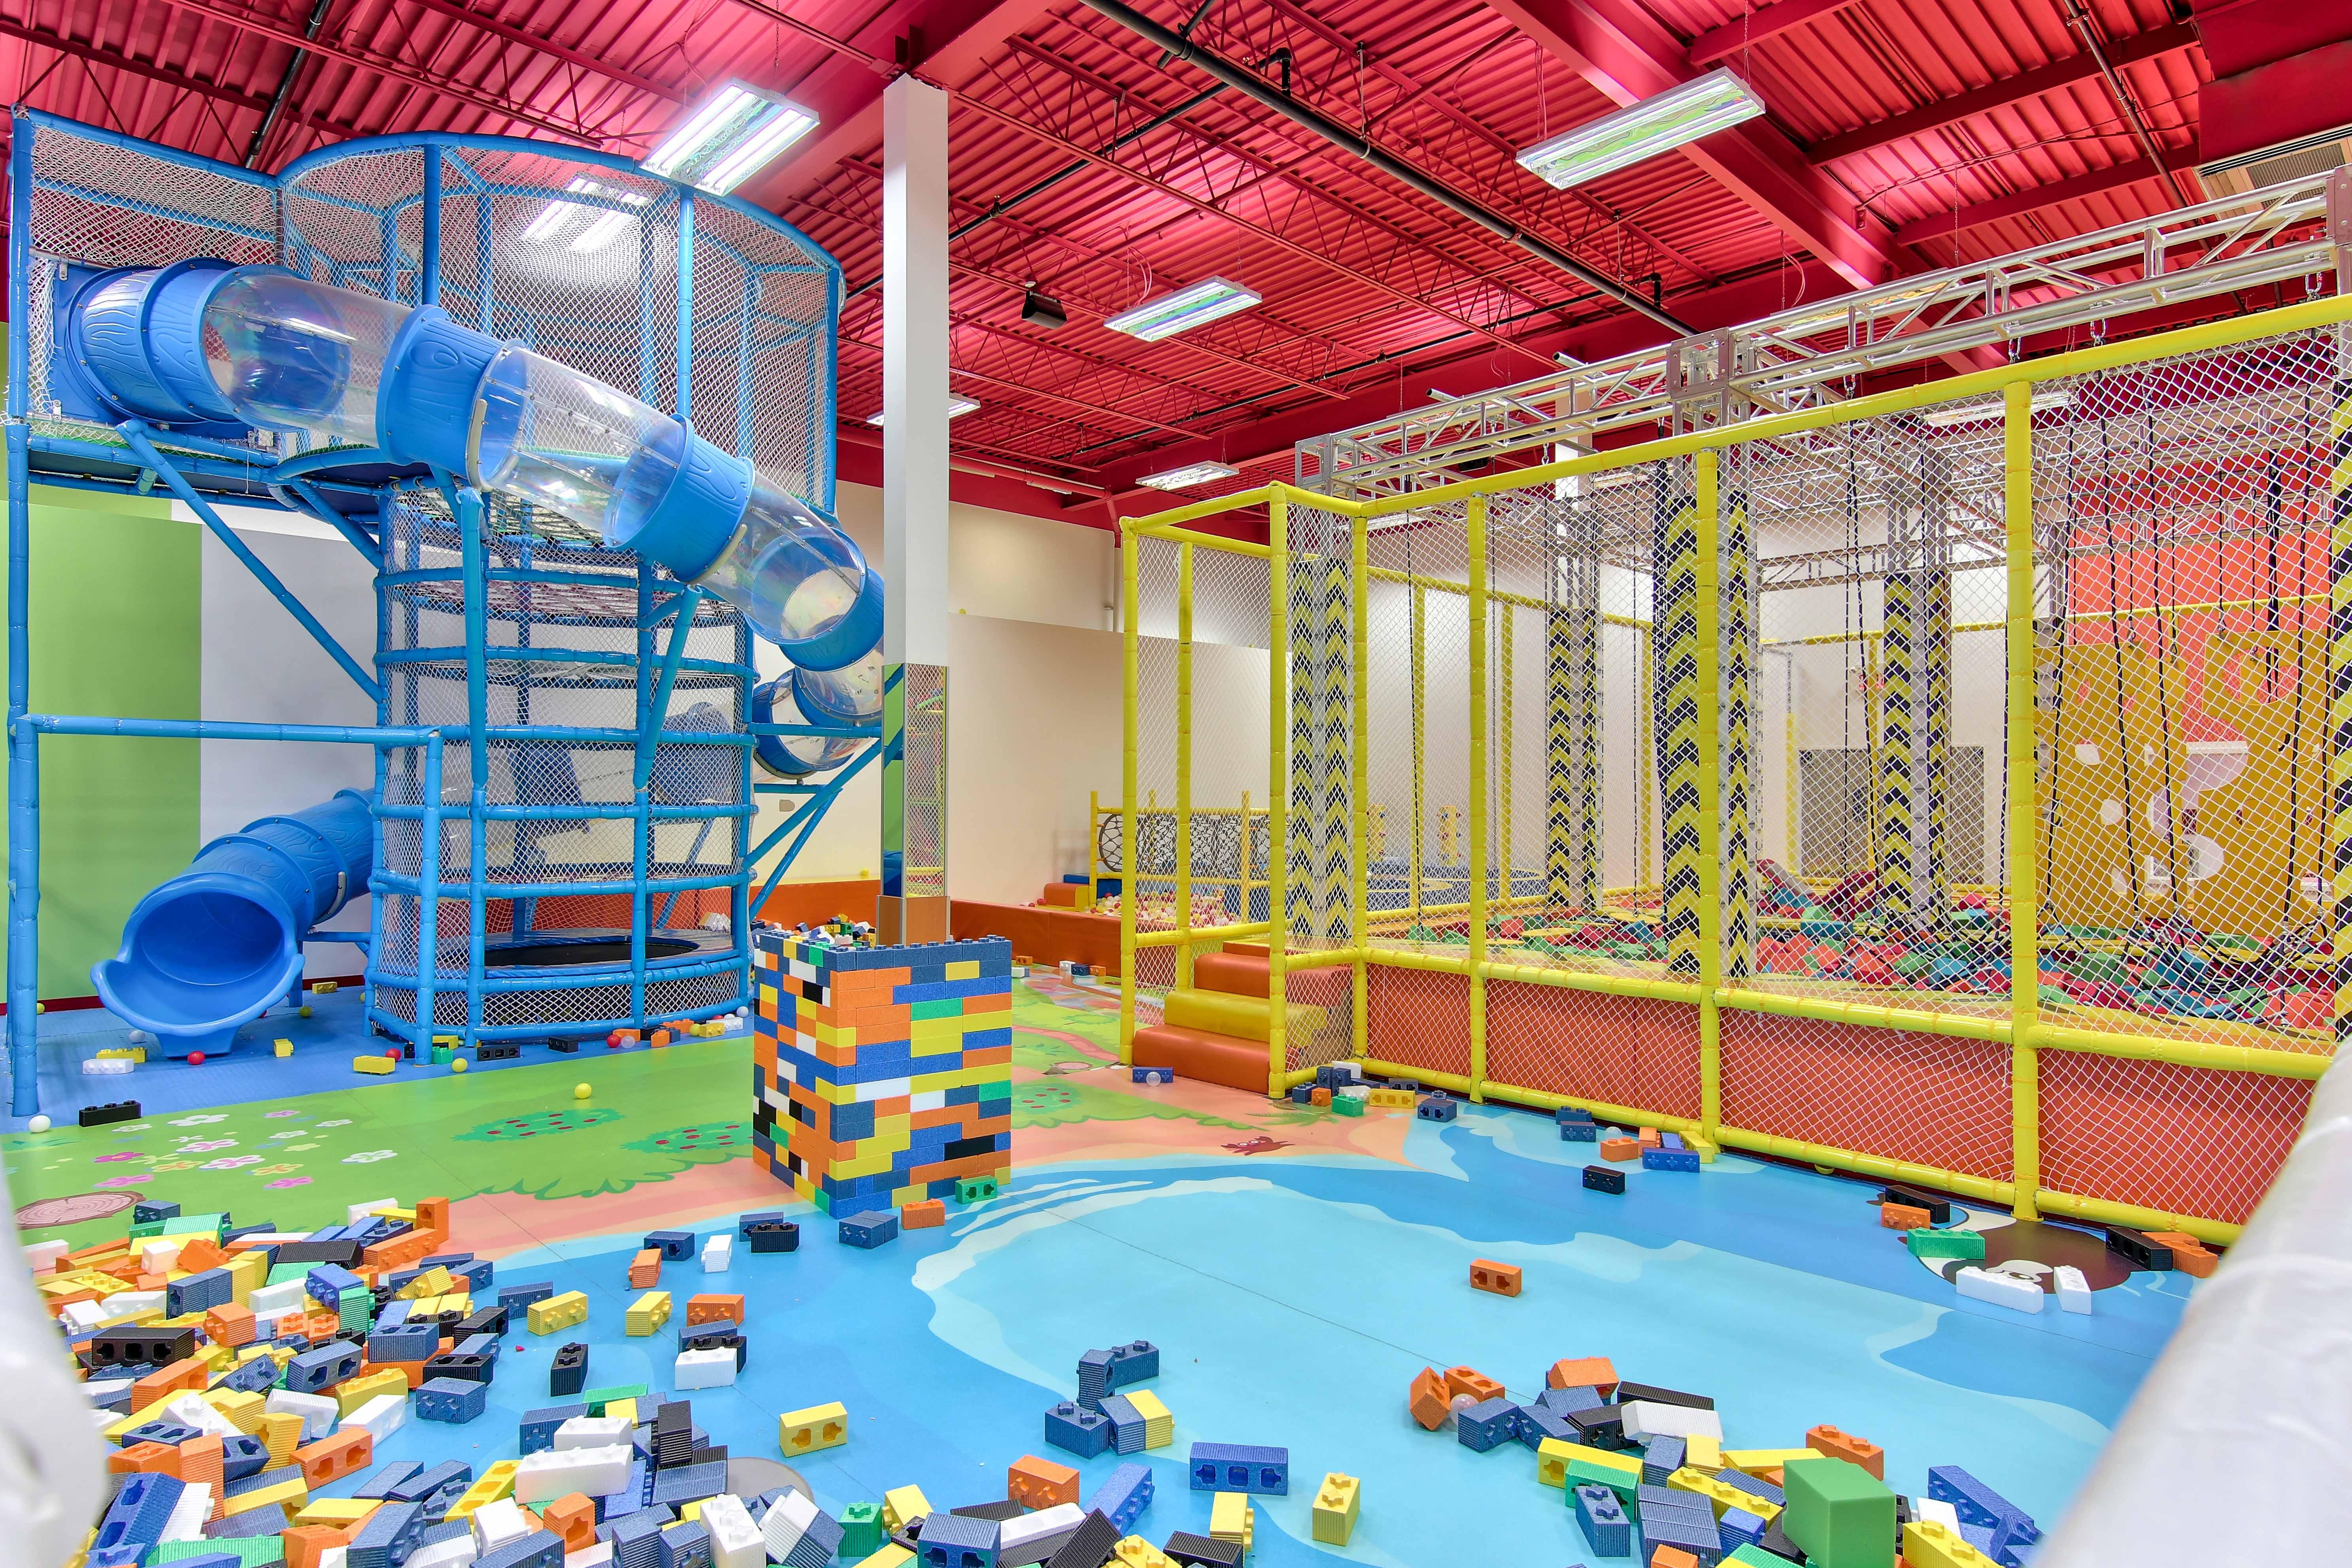 Glissades, Modules de jeux, parcours ninja pour enfant , activité intérieur ,piscine à balles